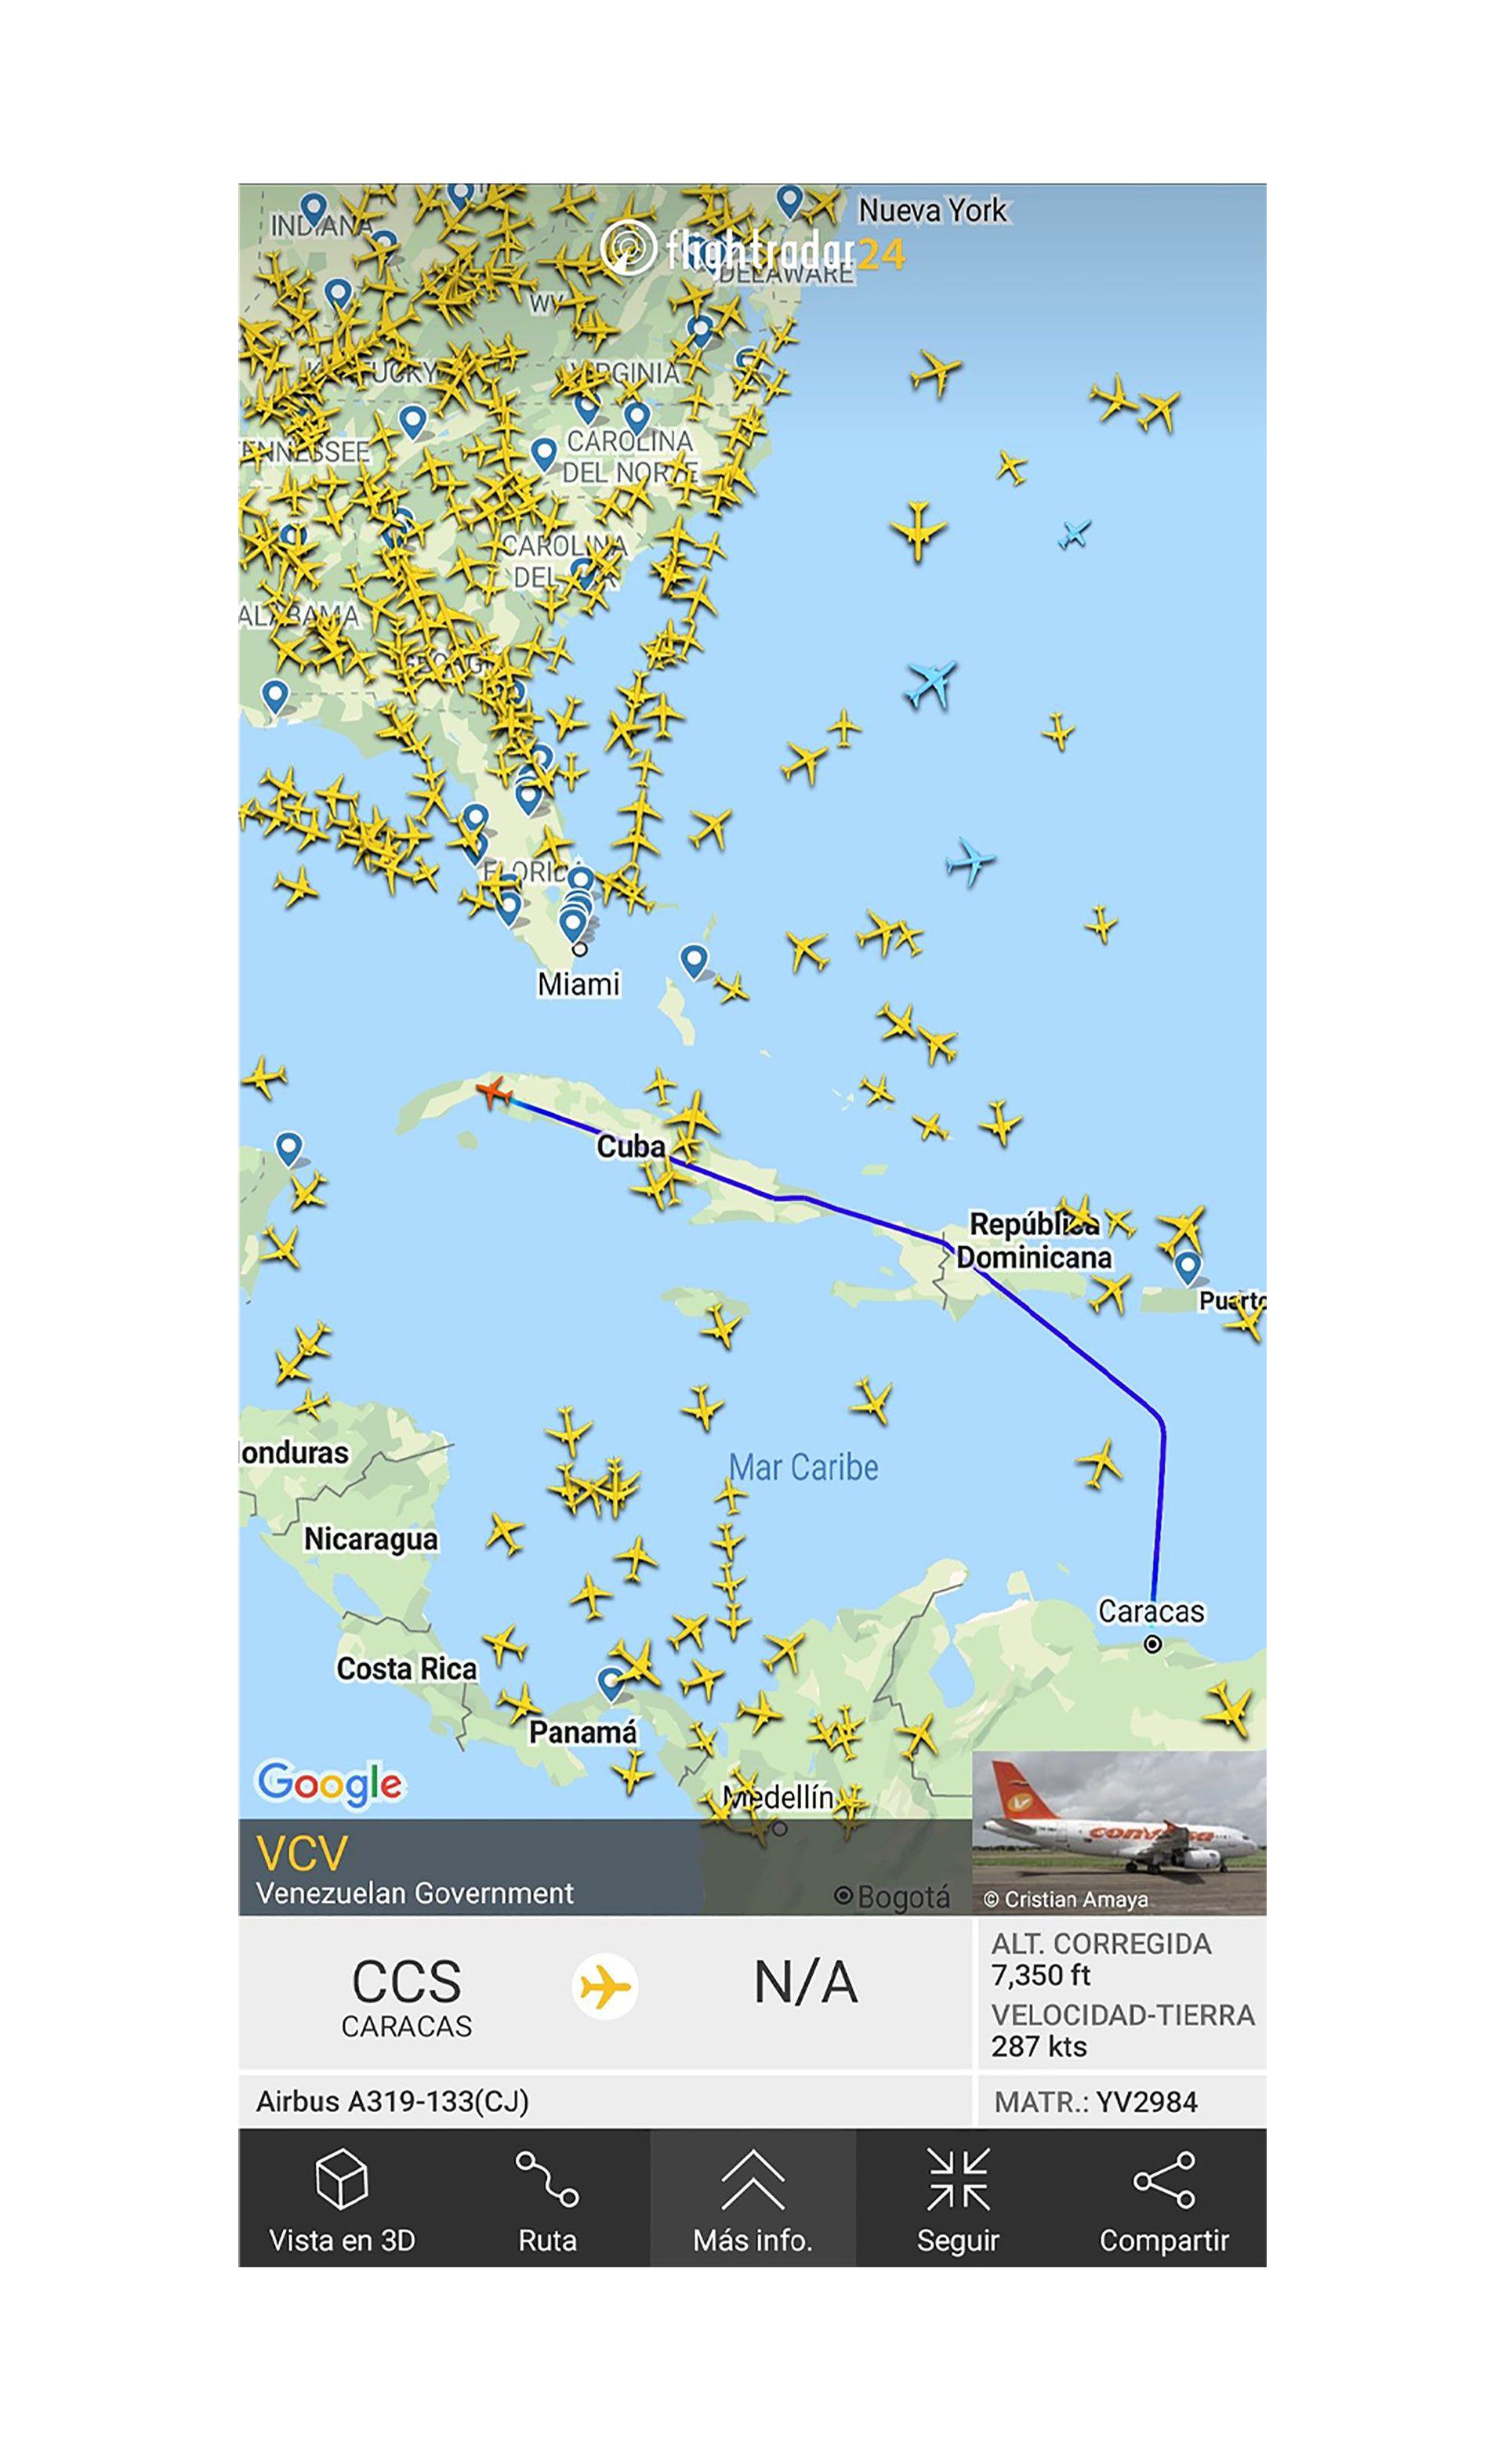 El-avion-presidencial-de-Maduro-llega-a-La-Habana